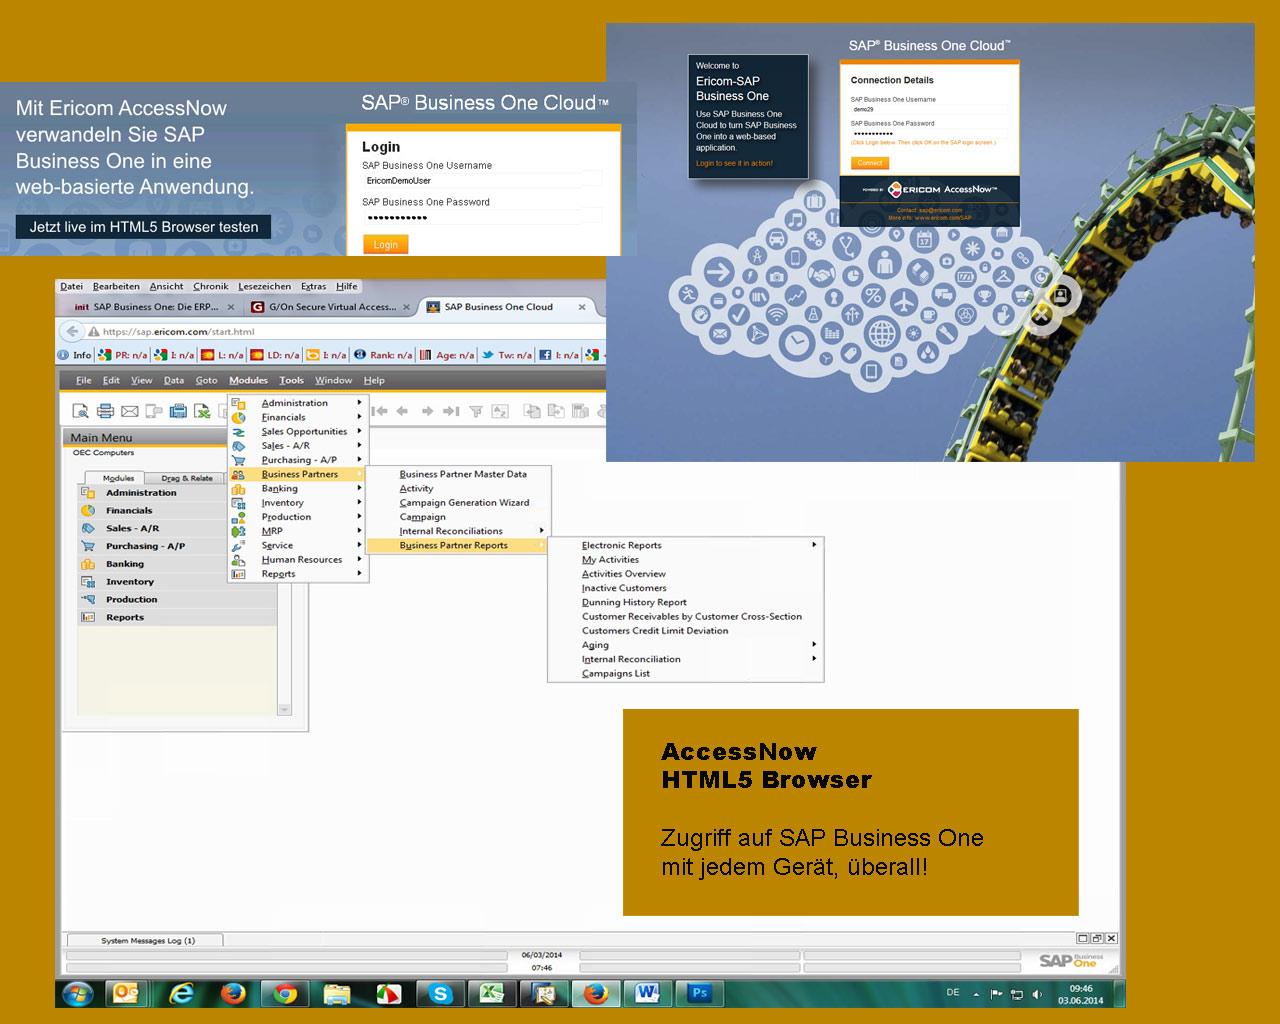 HTML5 Browser nutzen und von überall geräteunabhängig